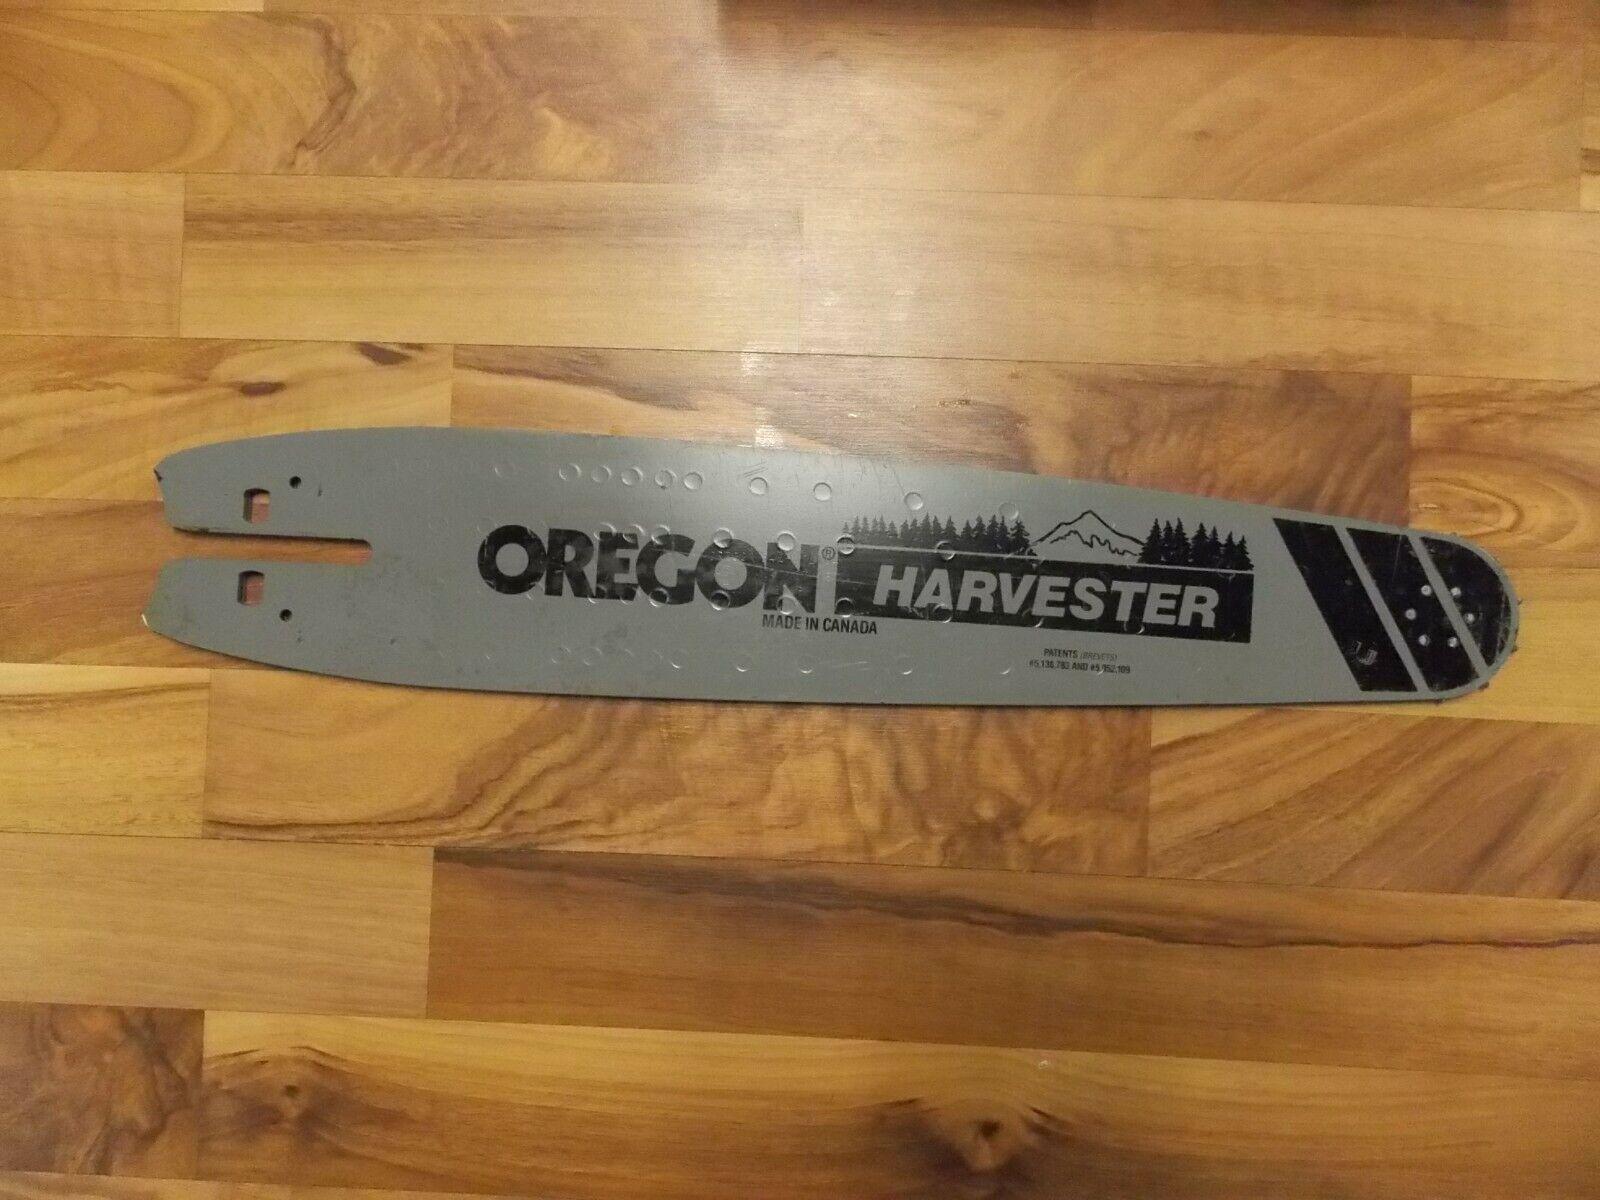 Oregon 542 HWFL 104 Motosierra HARVESTER máquina de guía de la barra 404 Pitch Calibre 80